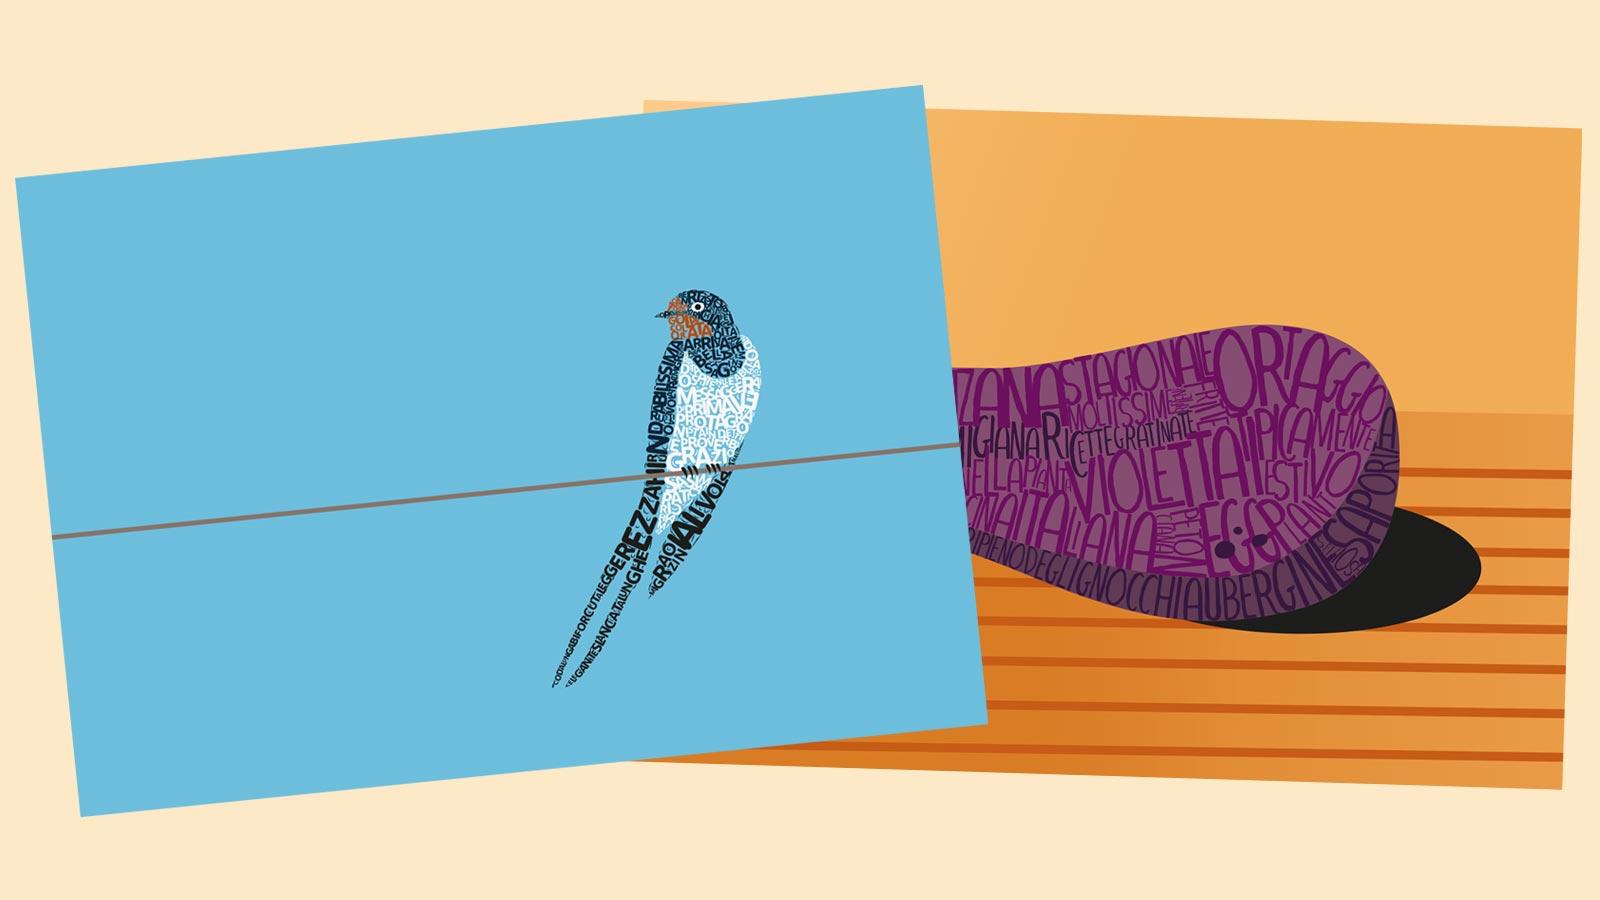 illustrazioni per menu cartolina Ristorante Le Tre Rane Ruffino